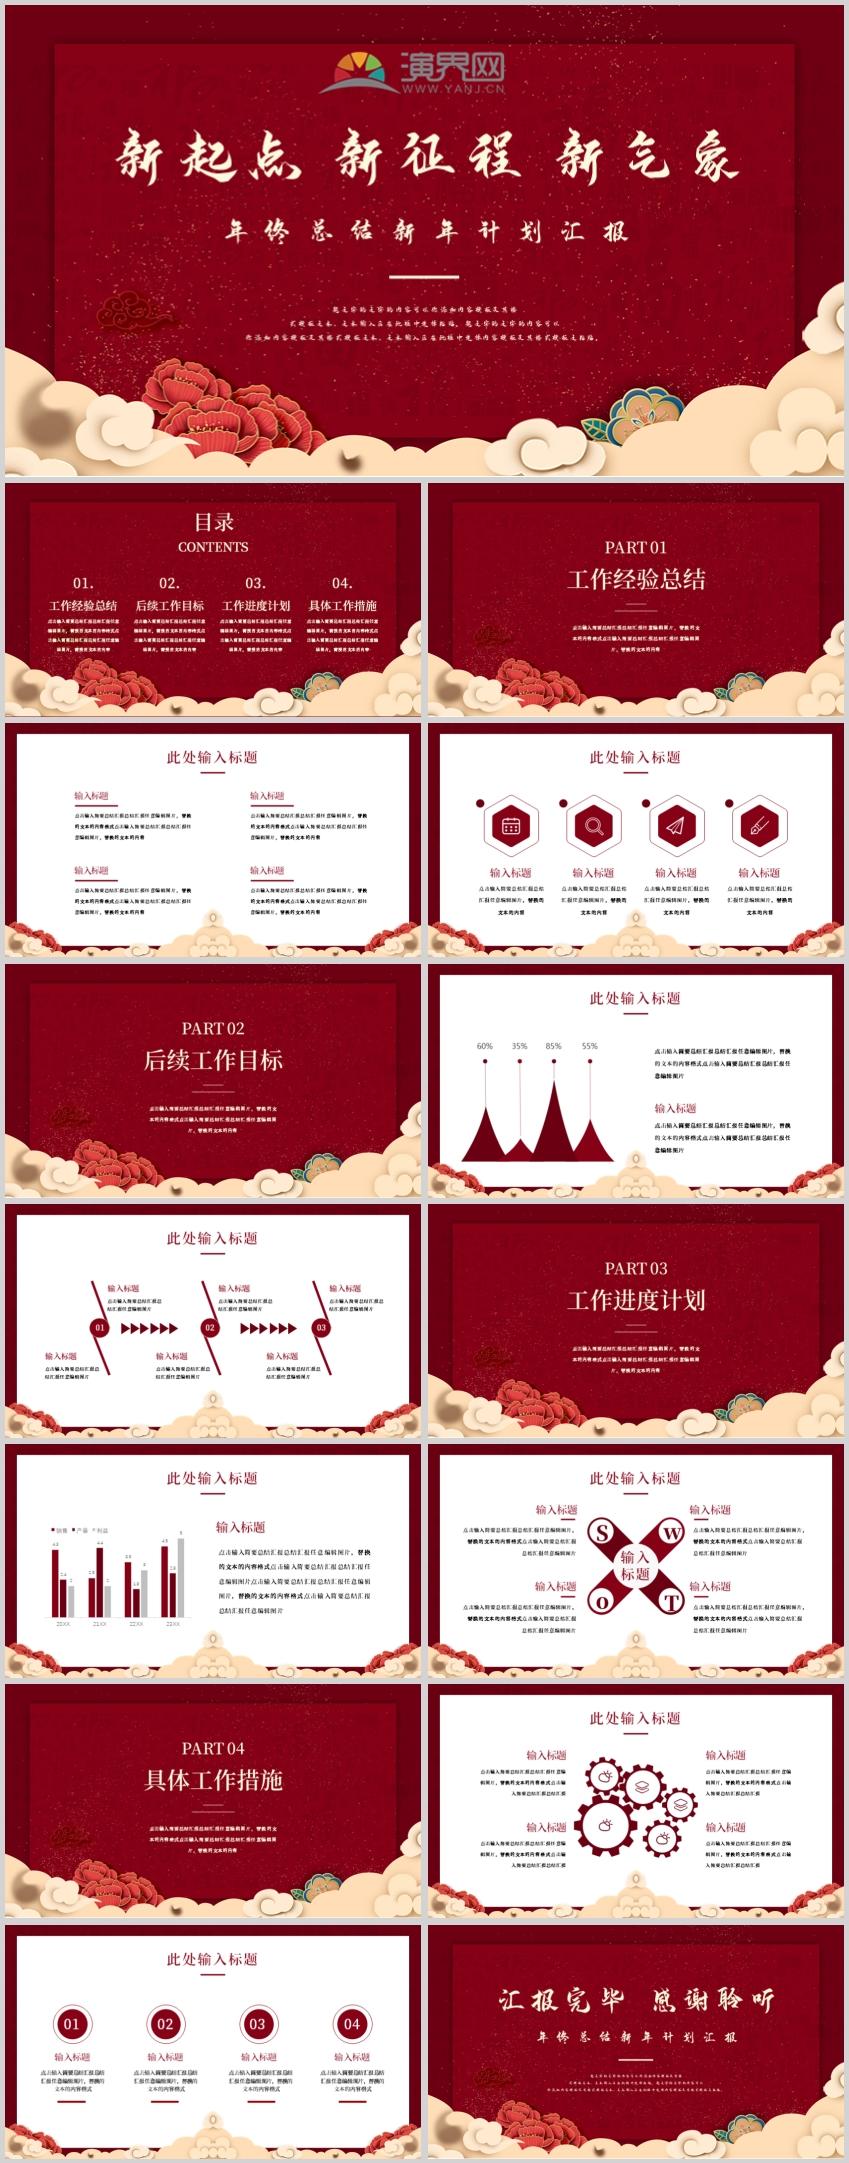 紅色中國風新春新年總結匯報模板